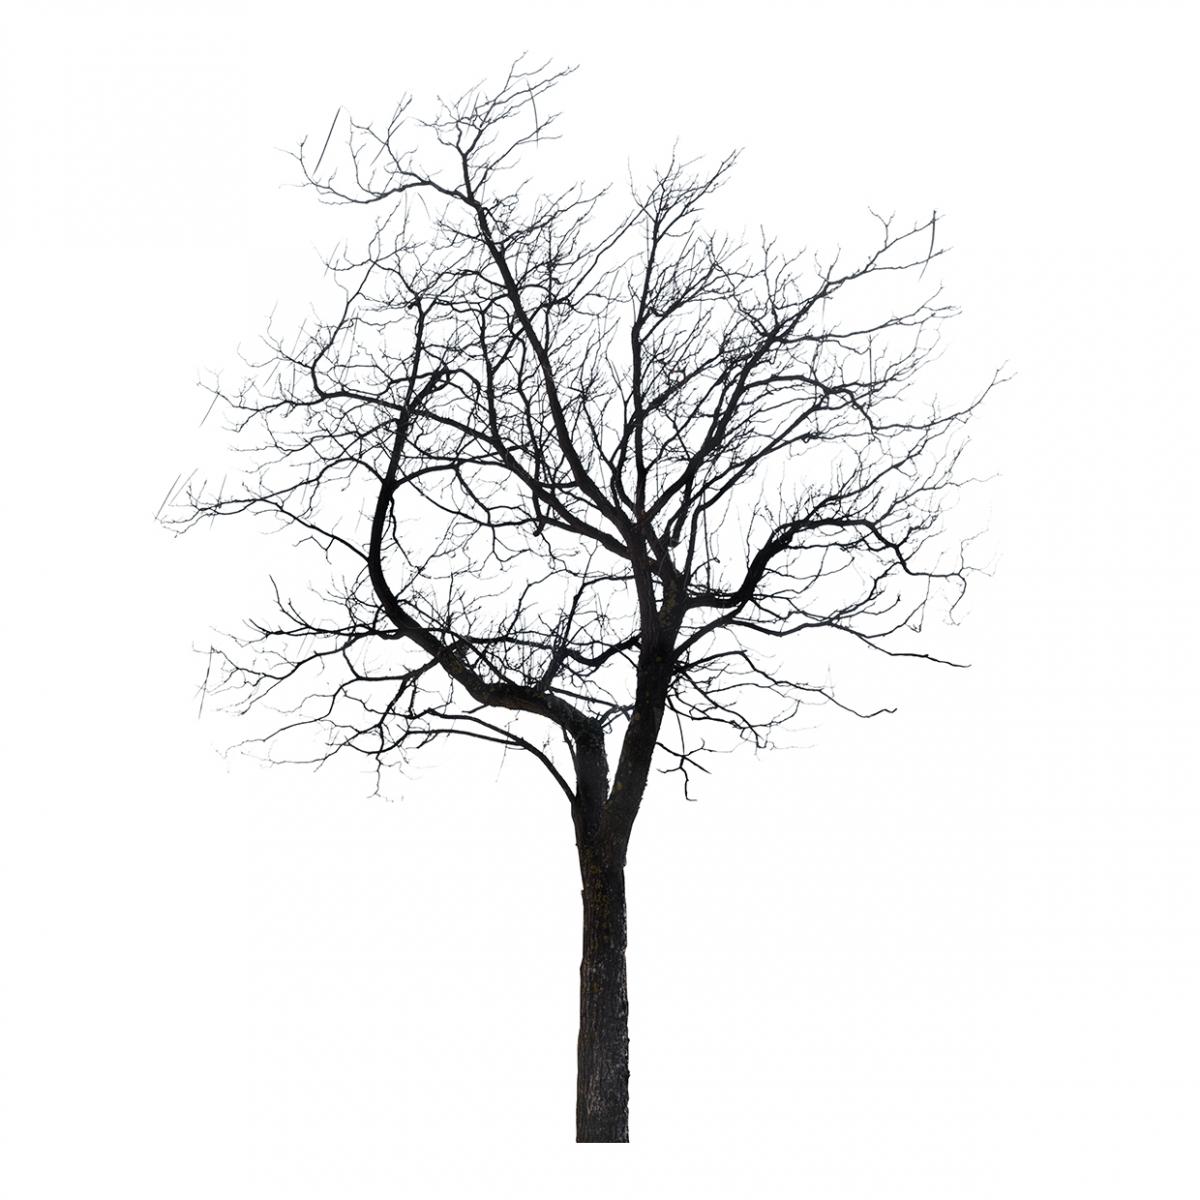 Imagen en la que se ve un árbol sin hojas